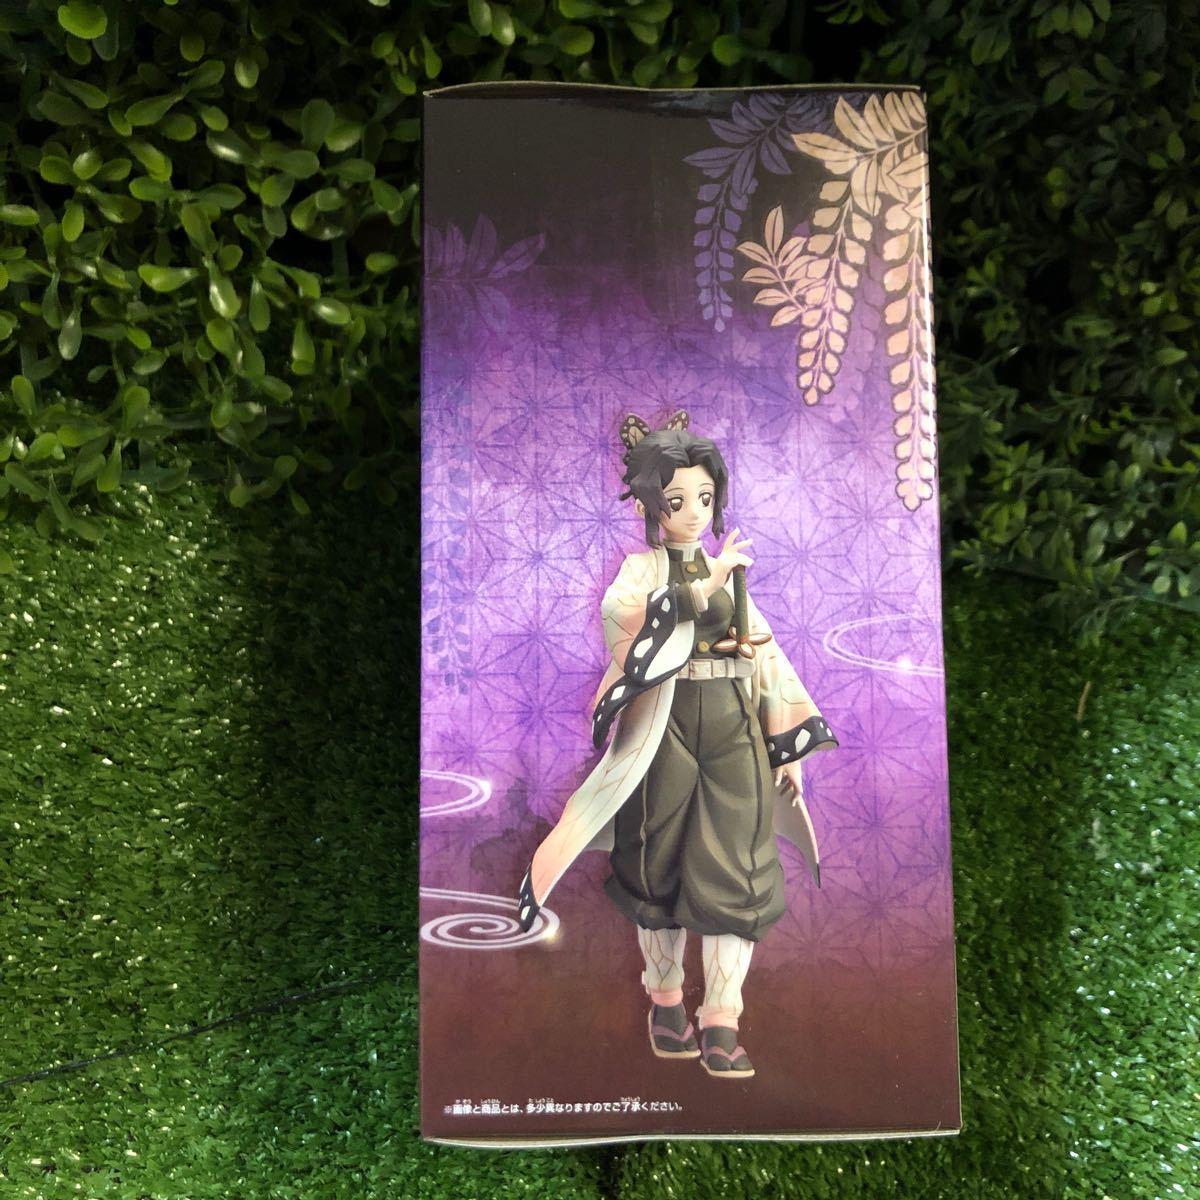 鬼滅の刃 -絆ノ装- 拾ノ型 フィギュア 胡蝶しのぶ セピアカラー